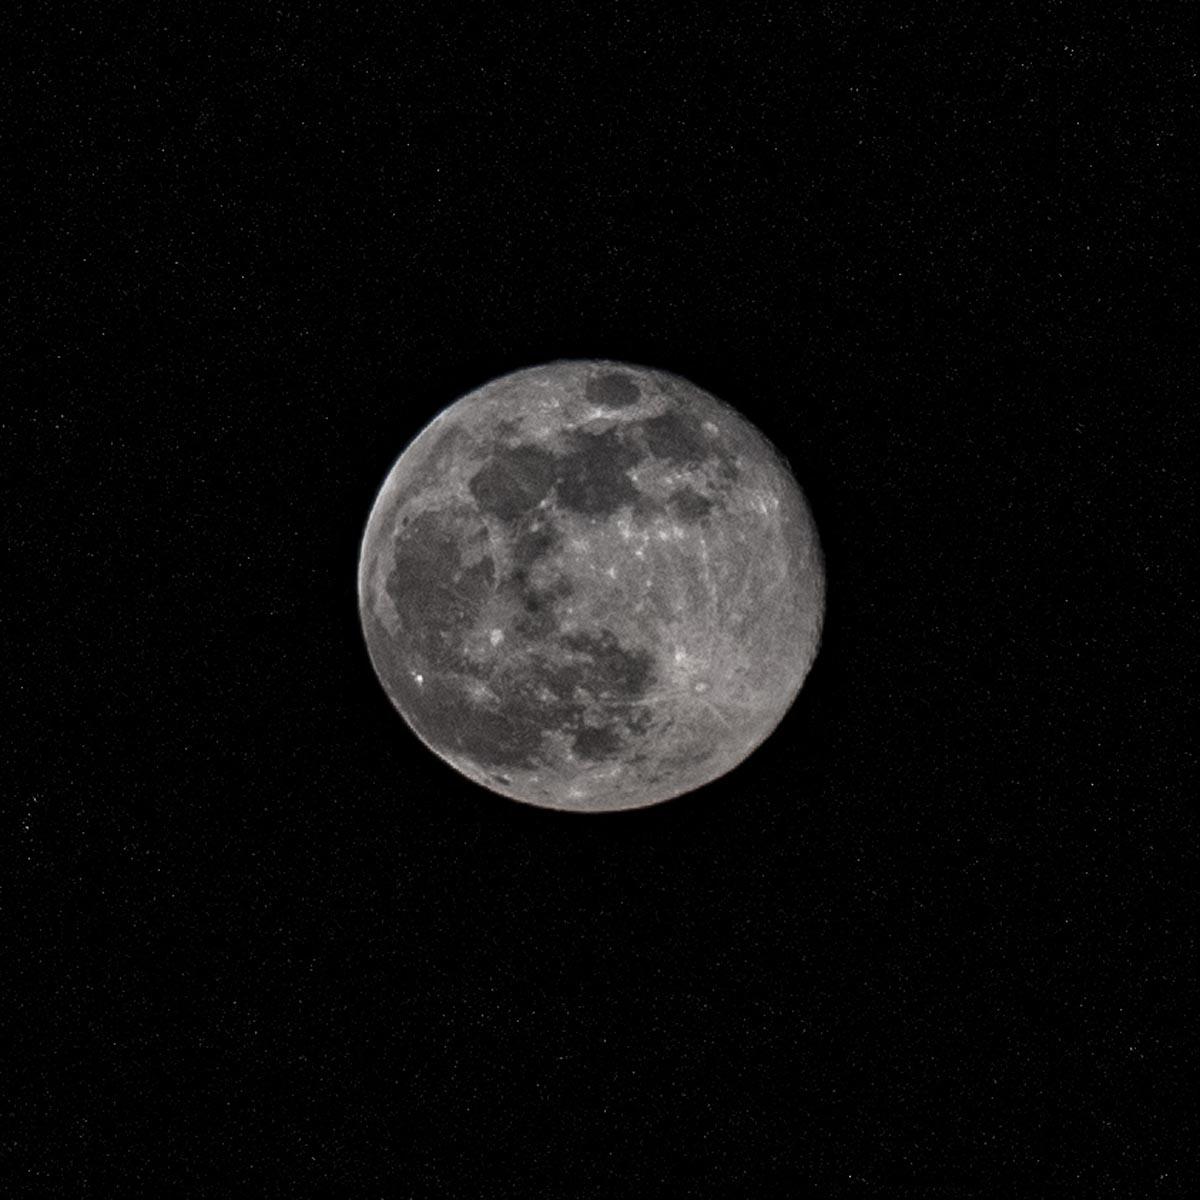 Fotografování přírody - Měsíc